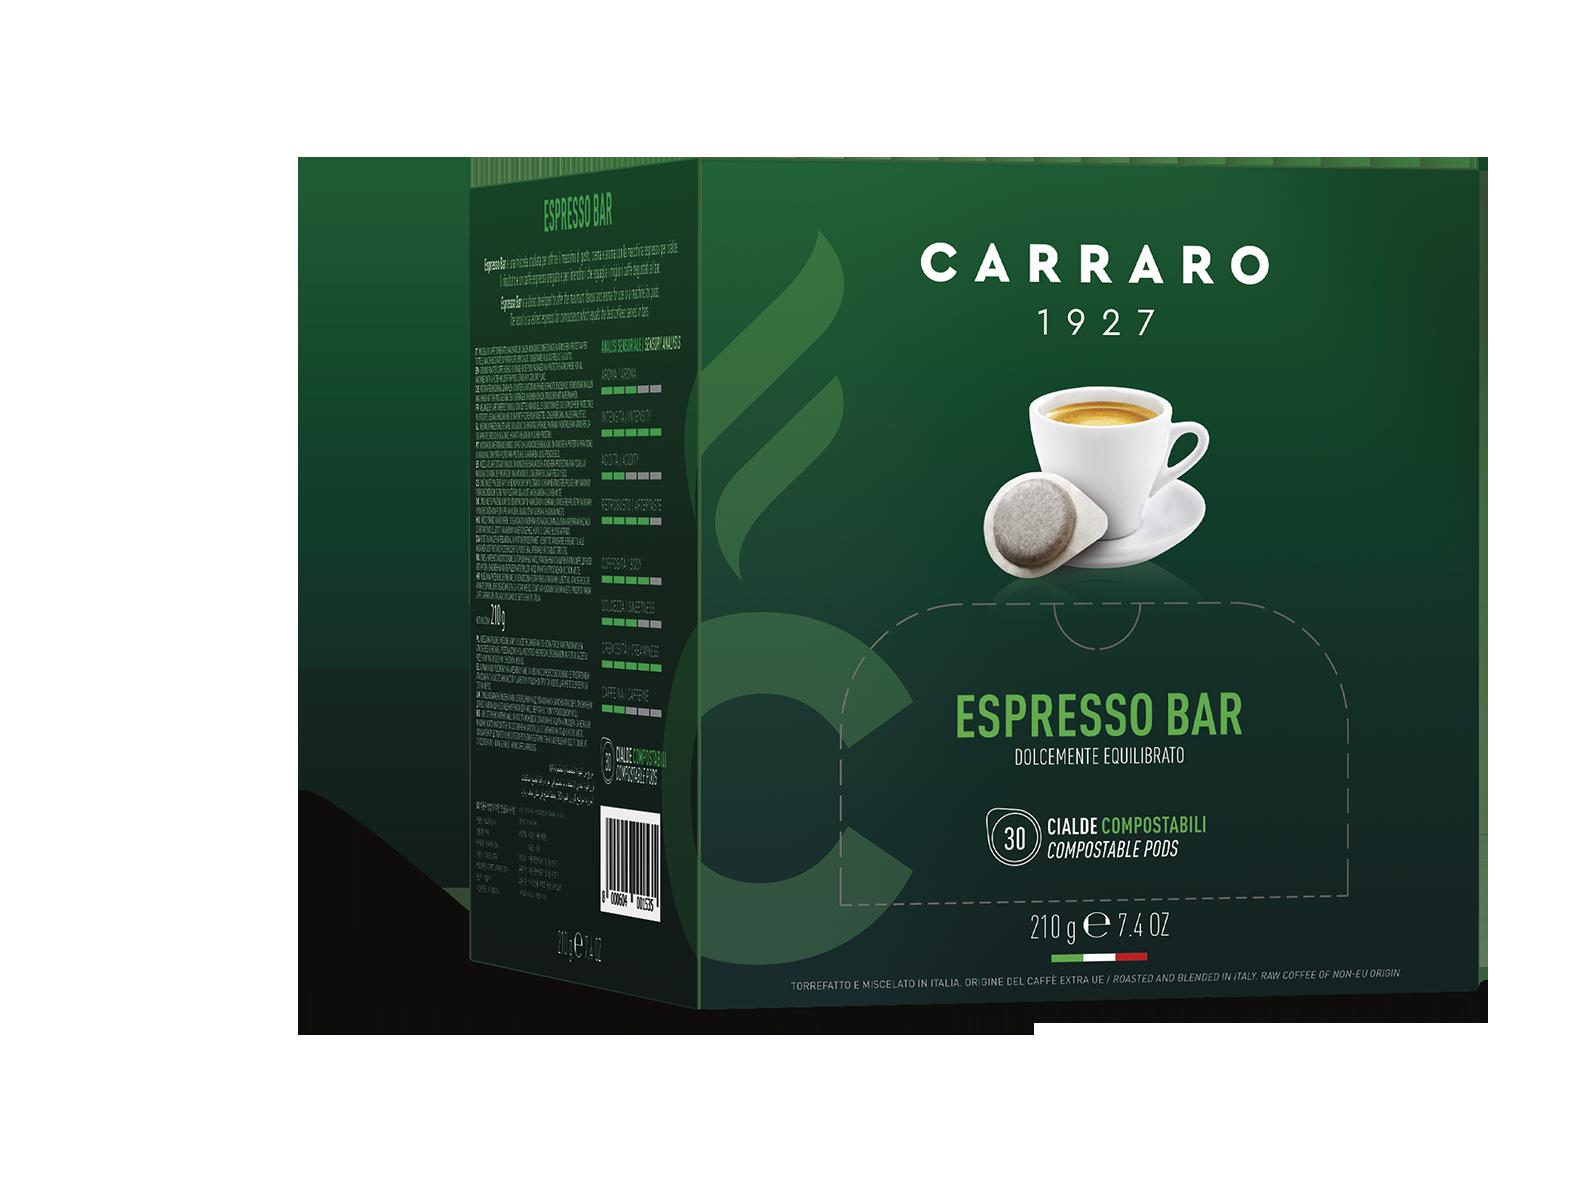 Espresso bar – 30 pods 7 g